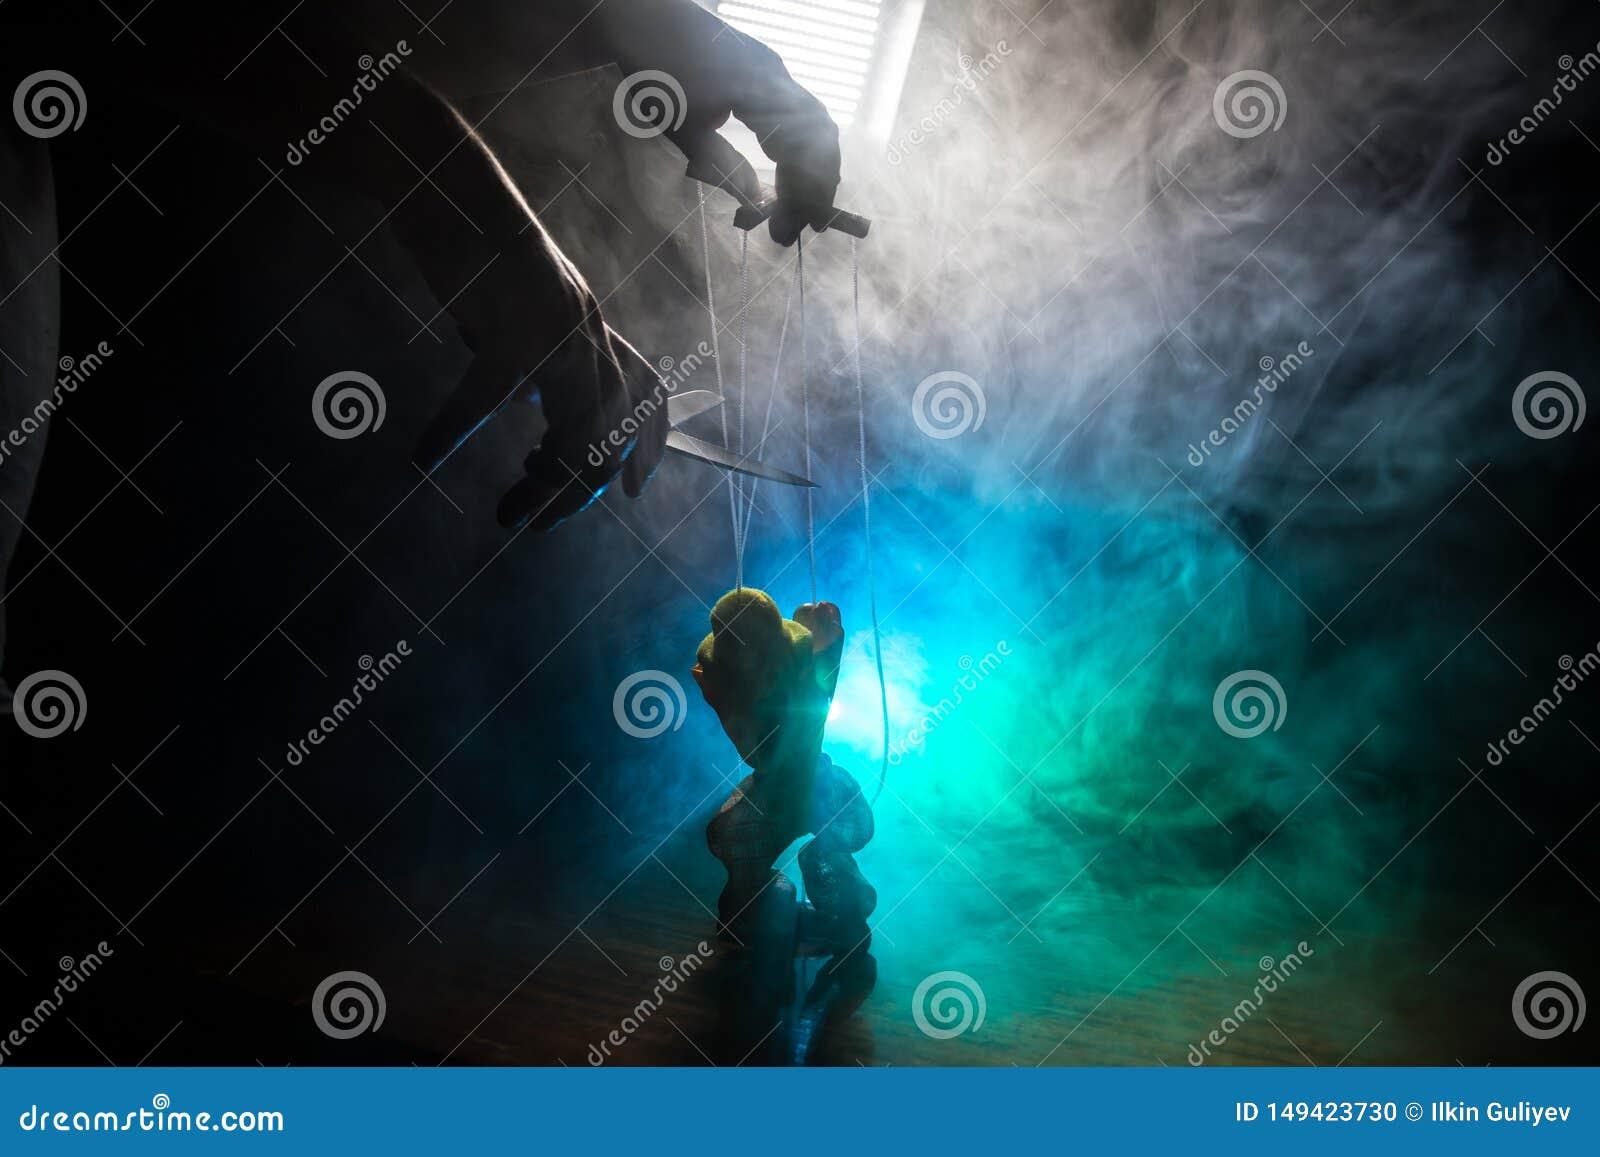 Έννοια του χειρισμού Το χέρι κρατά τις σειρές για το χειρισμό Το χέρι ελέγχει τις σειρές μαριονετών σε ένα σκοτεινό ομιχλώδες υπό